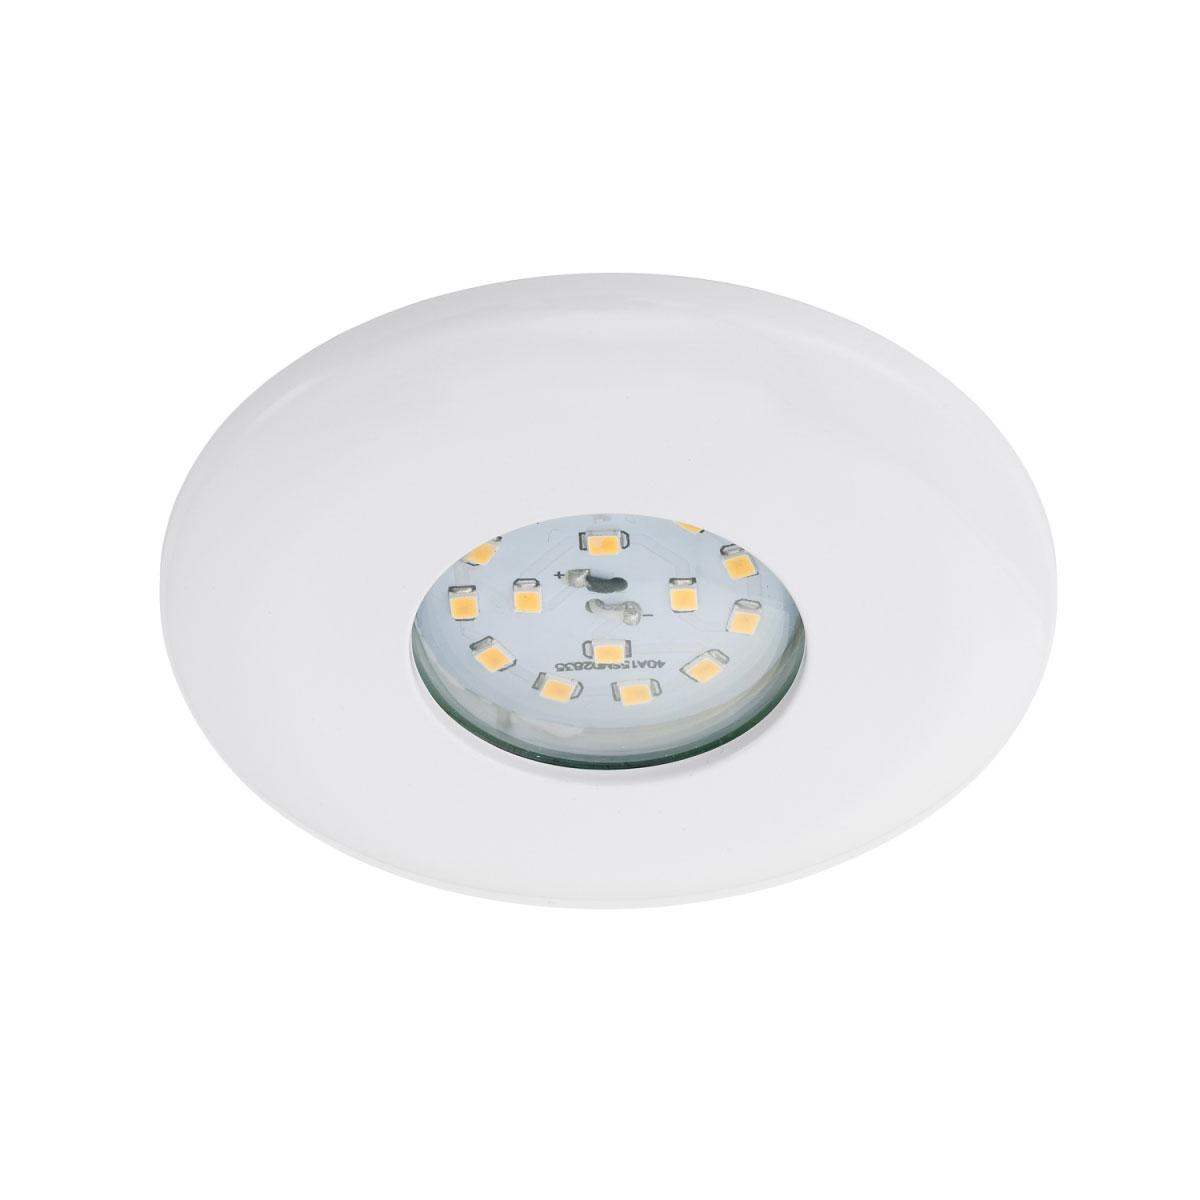 Deckenleuchten - LED Einbauleuchte, weiß, 5W  - Onlineshop Hellweg